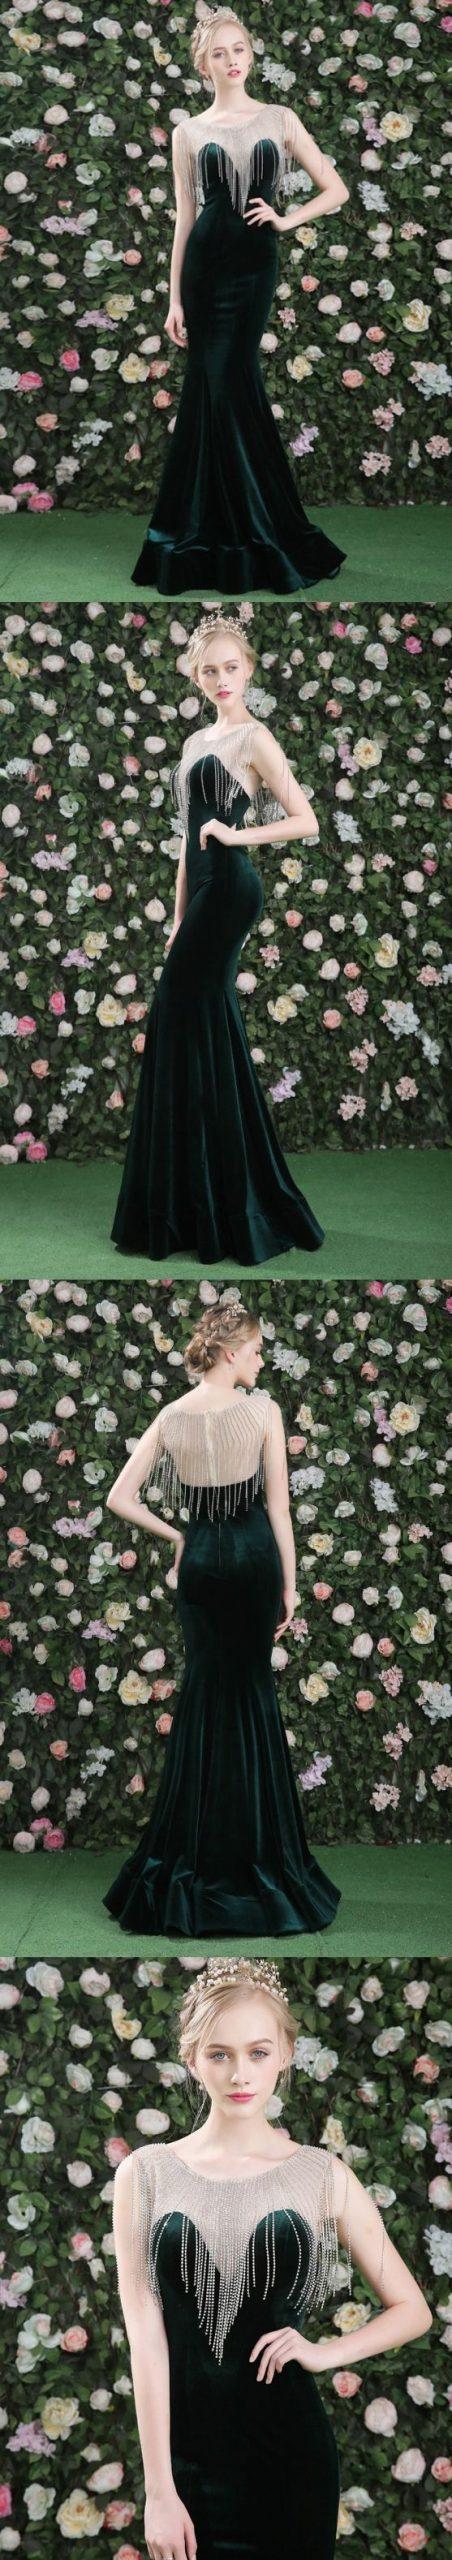 Abend Wunderbar Abendkleider U Stylish Großartig Abendkleider U Galerie